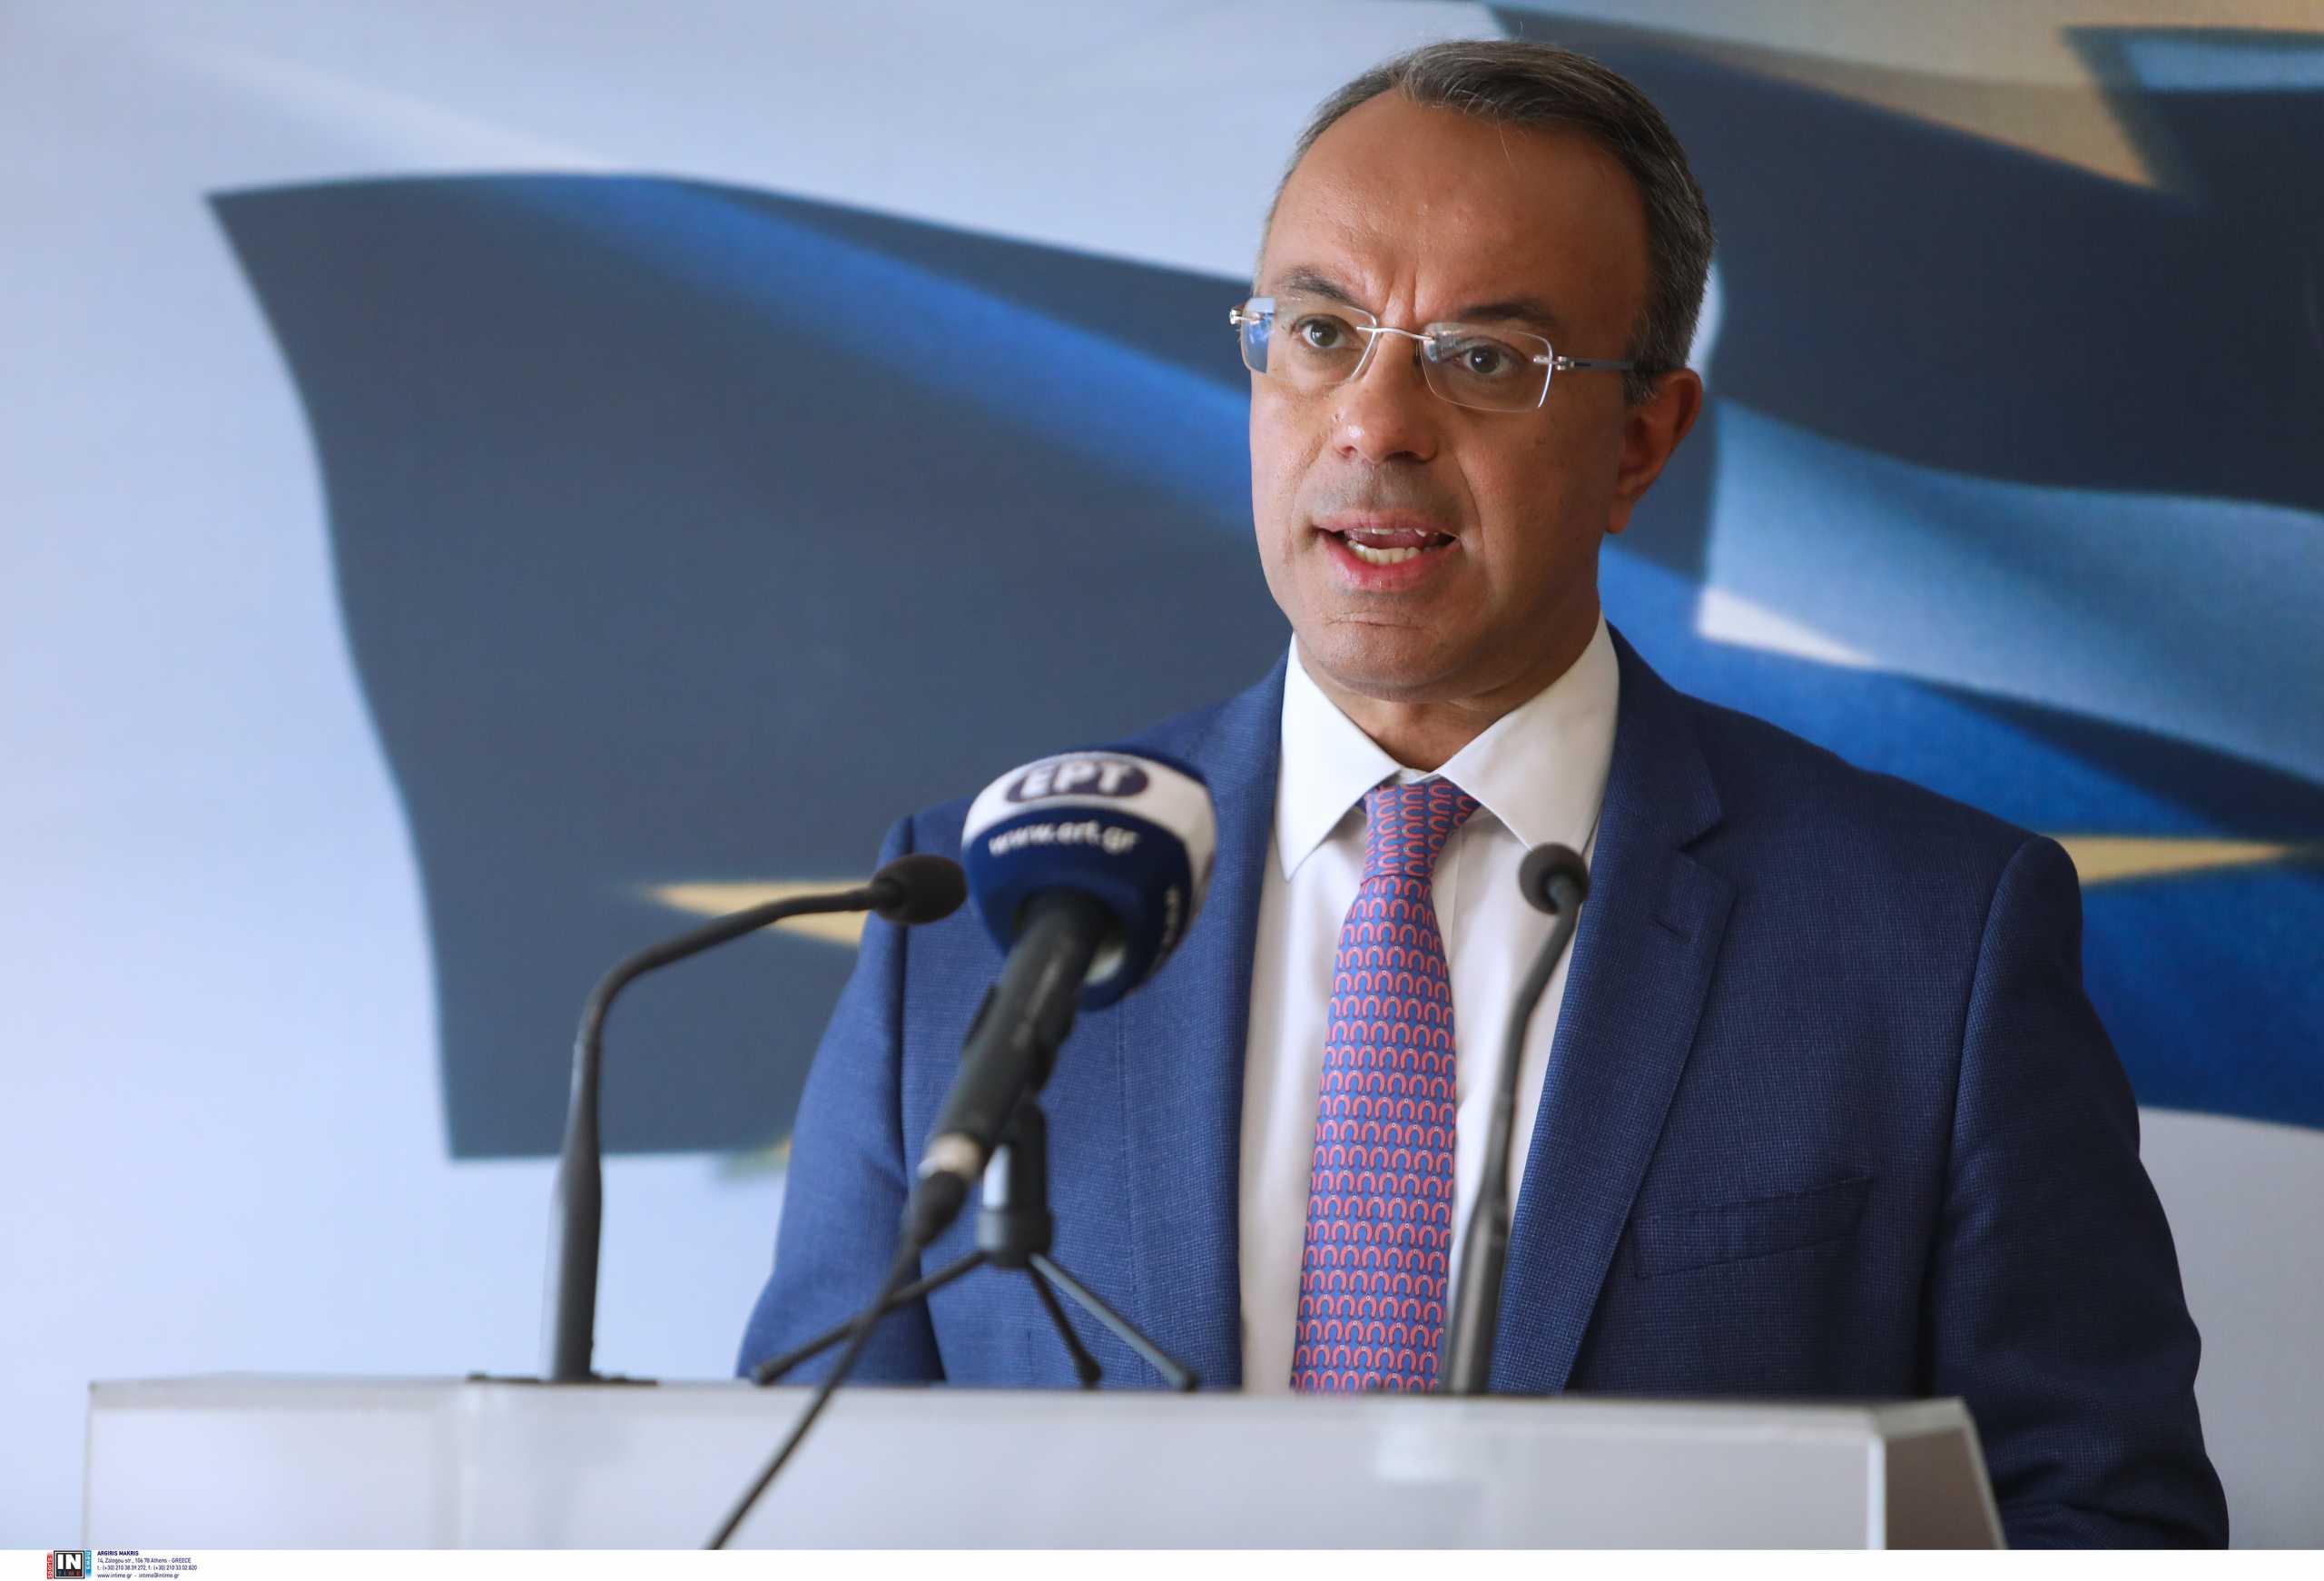 Χρήστος Σταϊκούρας: «Αξιοποιούμε τη δημοσιονομική ευελιξία με μειώσεις φόρων και ασφαλιστικών εισφορών»